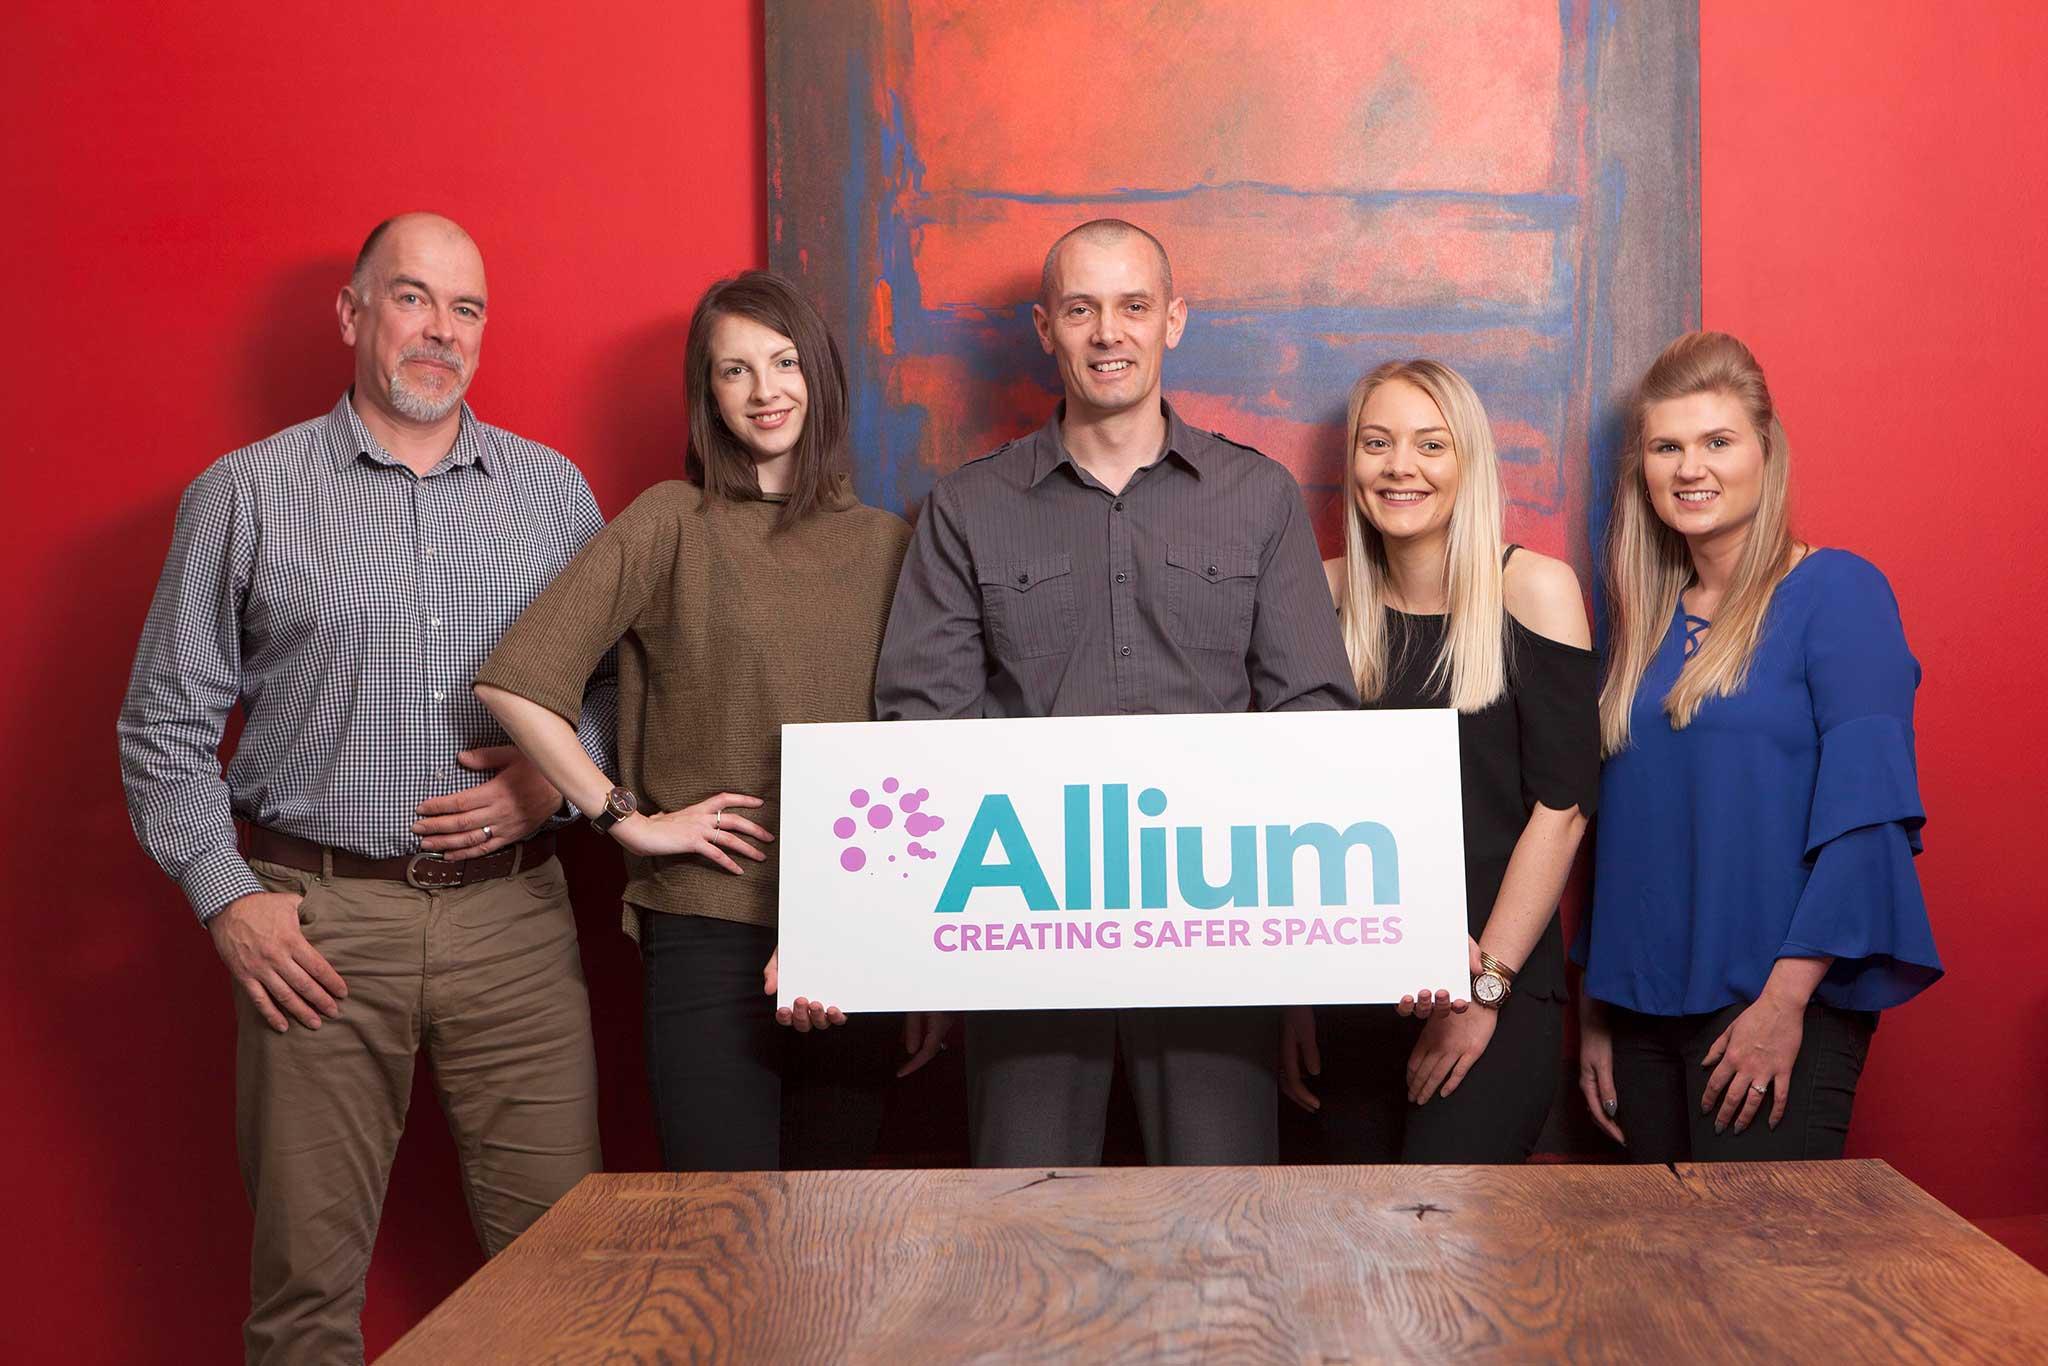 Allium team